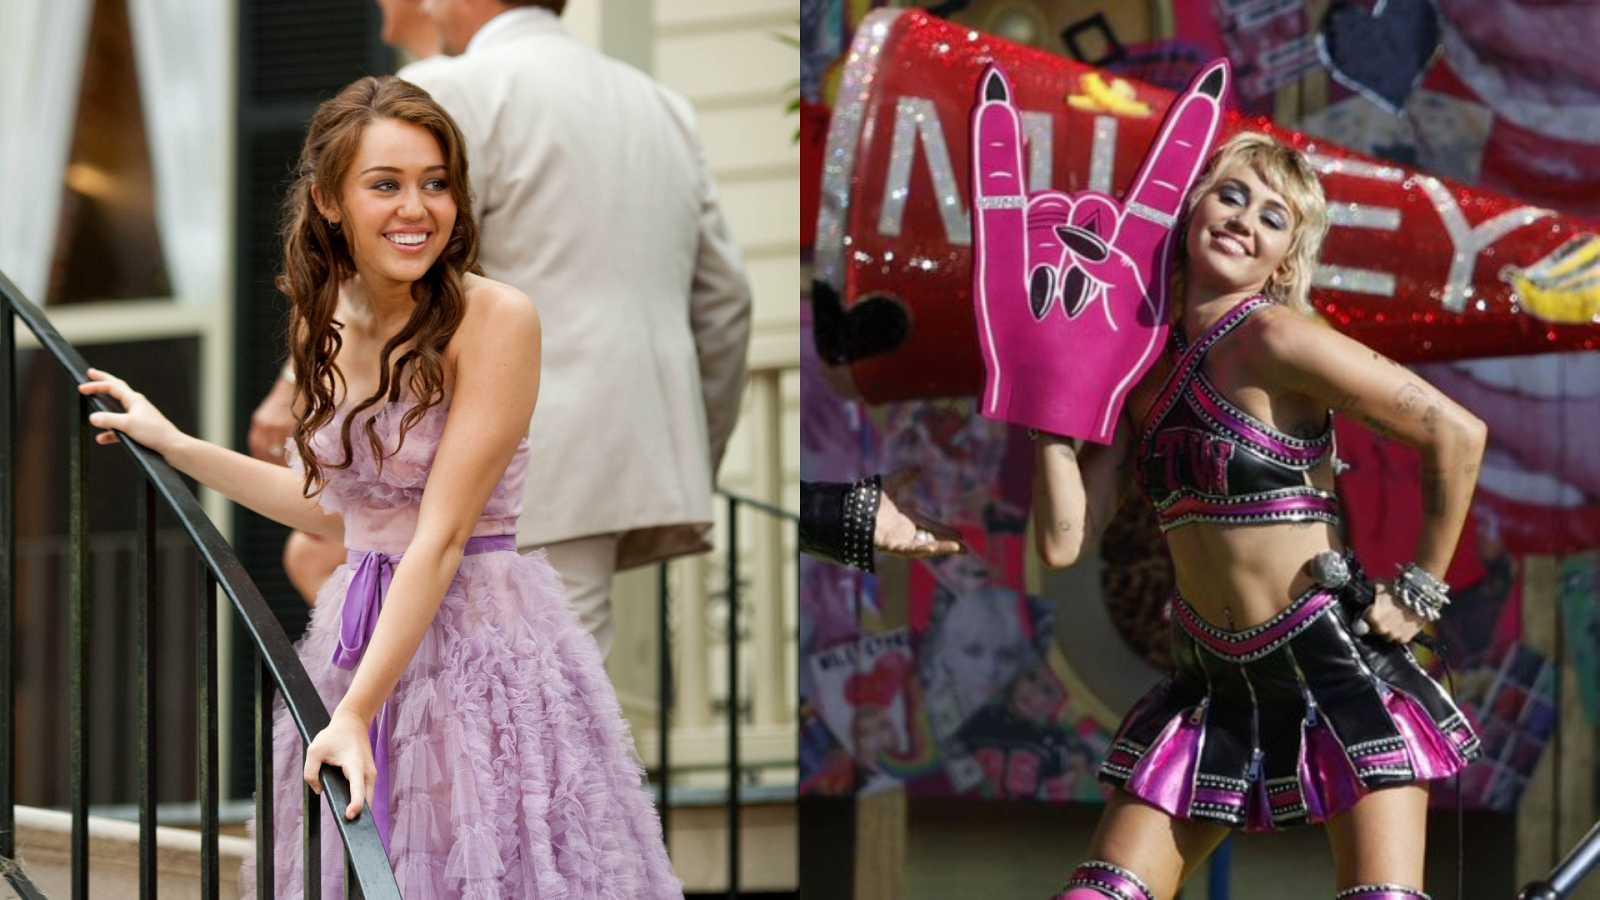 La evolución de Miley Cyrus, de Hannah Montana a la Super Bowl